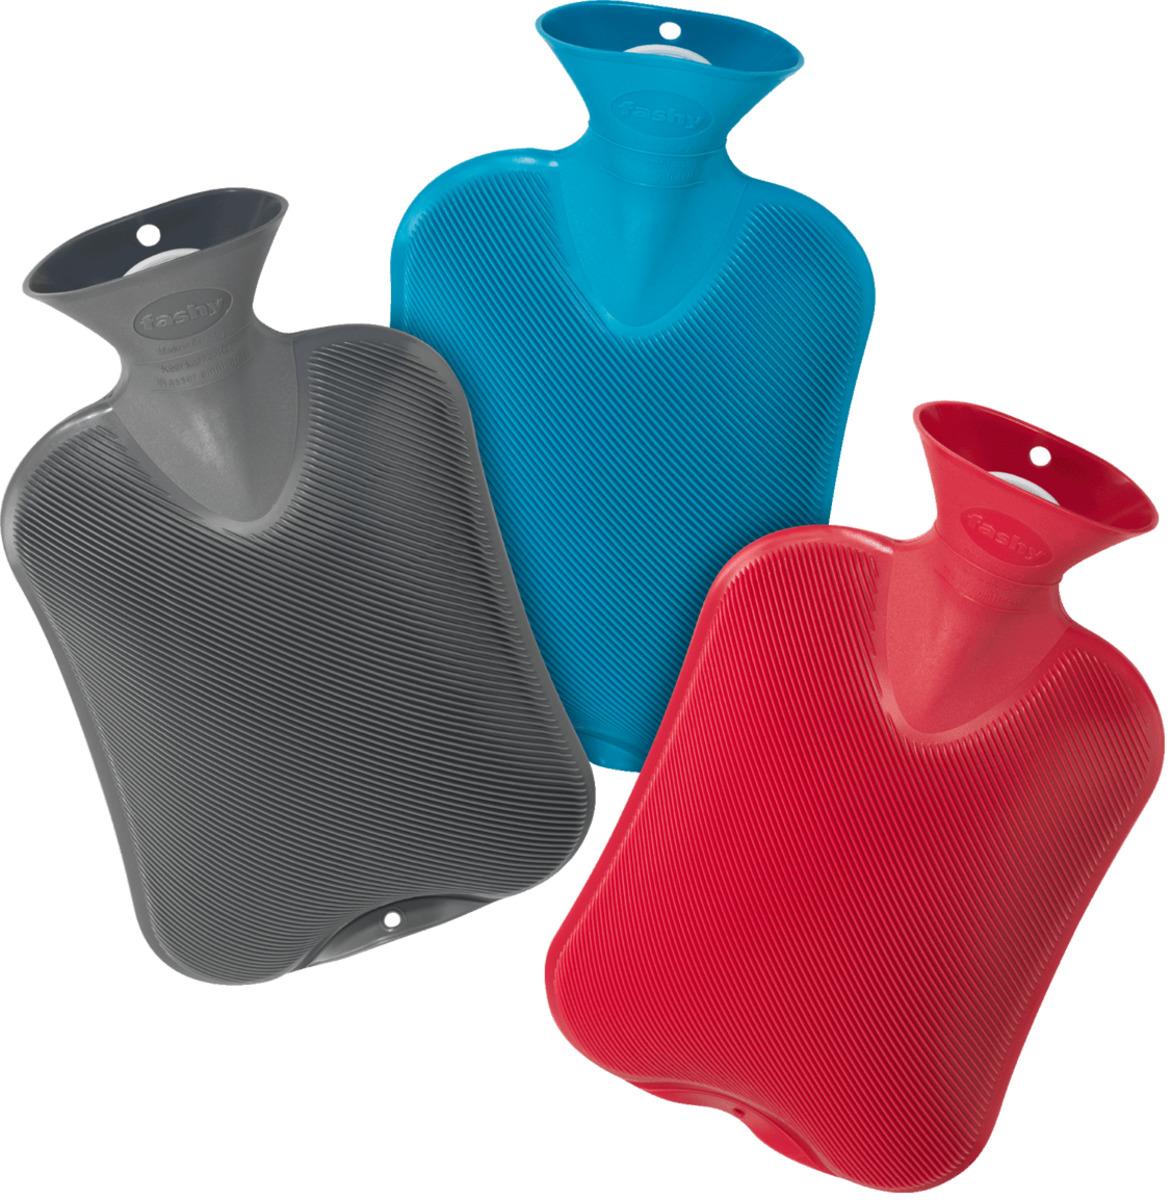 Bild 1 von Fashy Wärmflasche Halblamelle